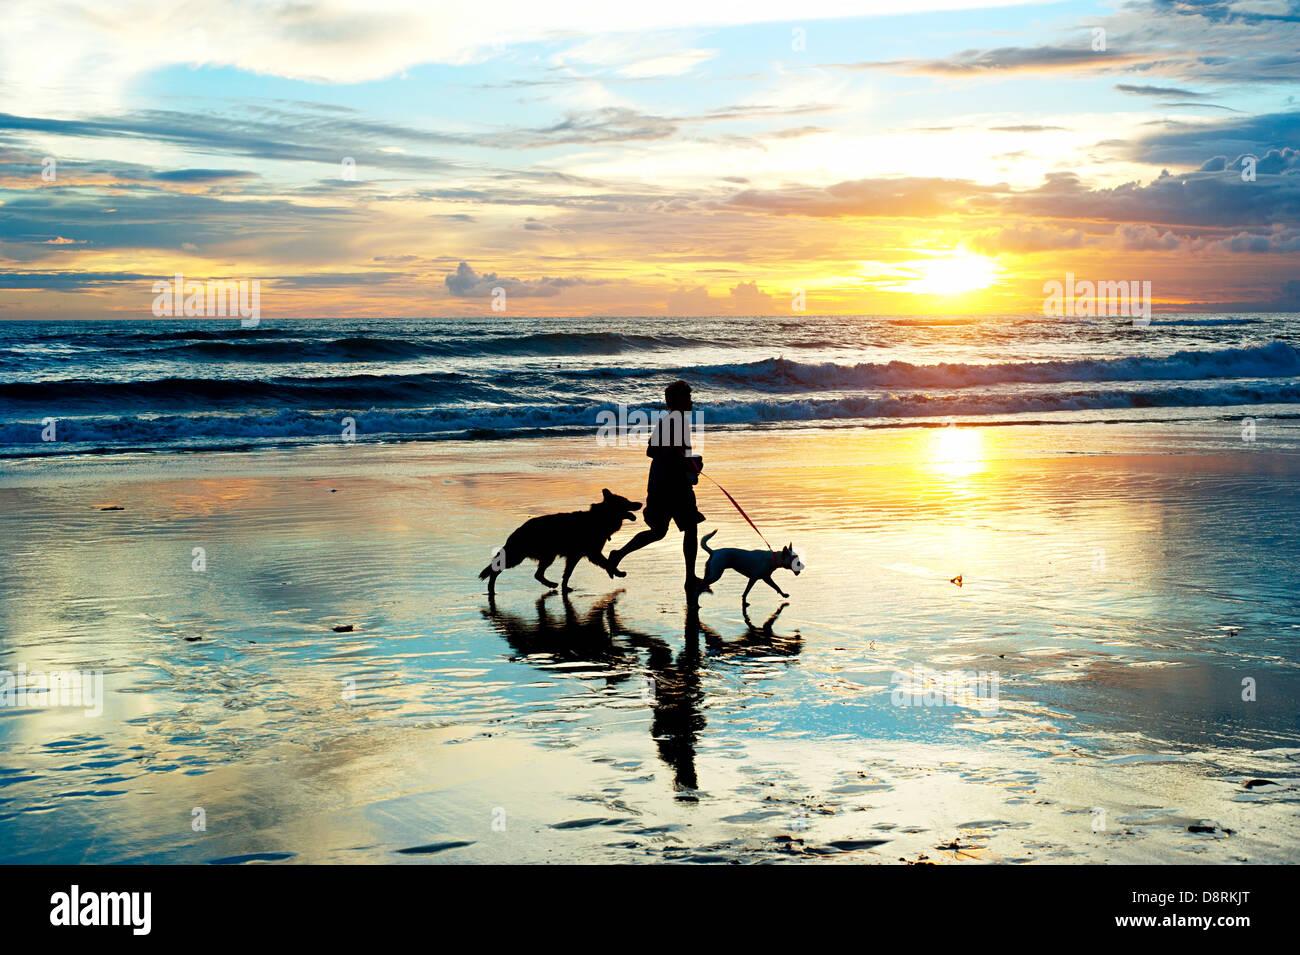 Uomo con i cani in esecuzione sulla spiaggia al tramonto. Isola di Bali, Indonesia Immagini Stock